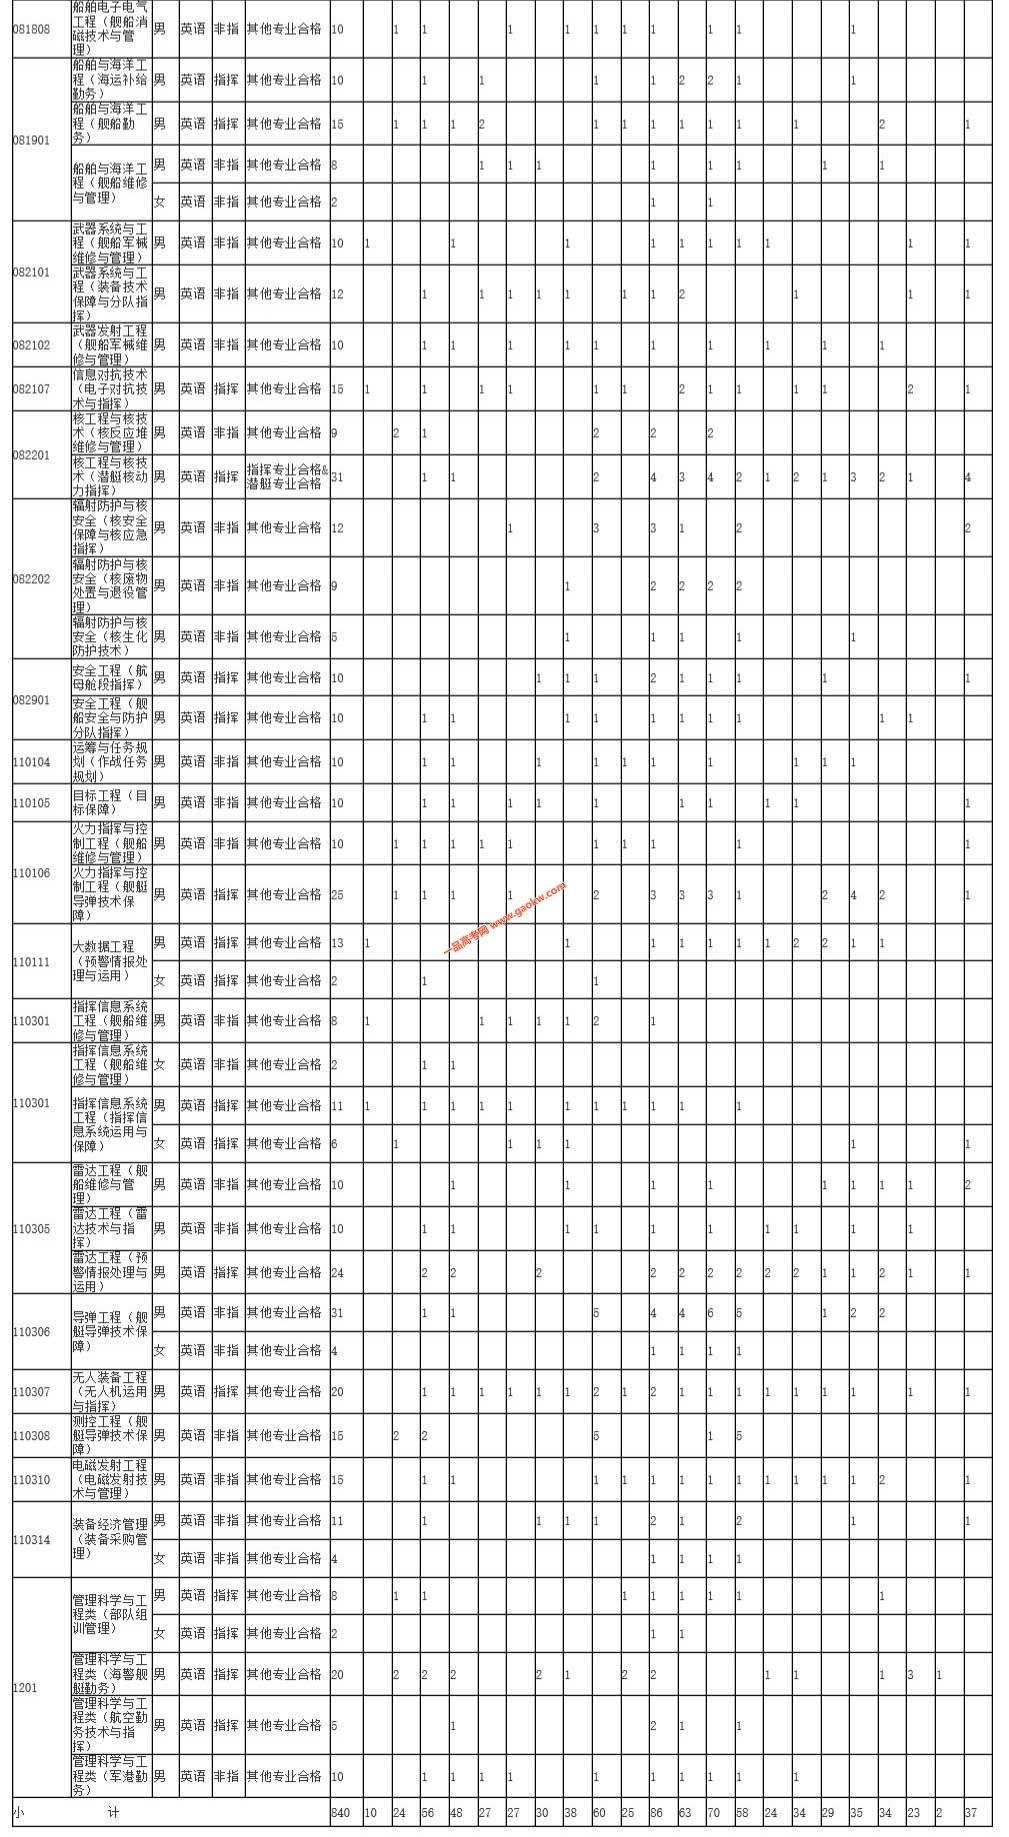 2019年海军工程大学招收普通高中毕业生计划2